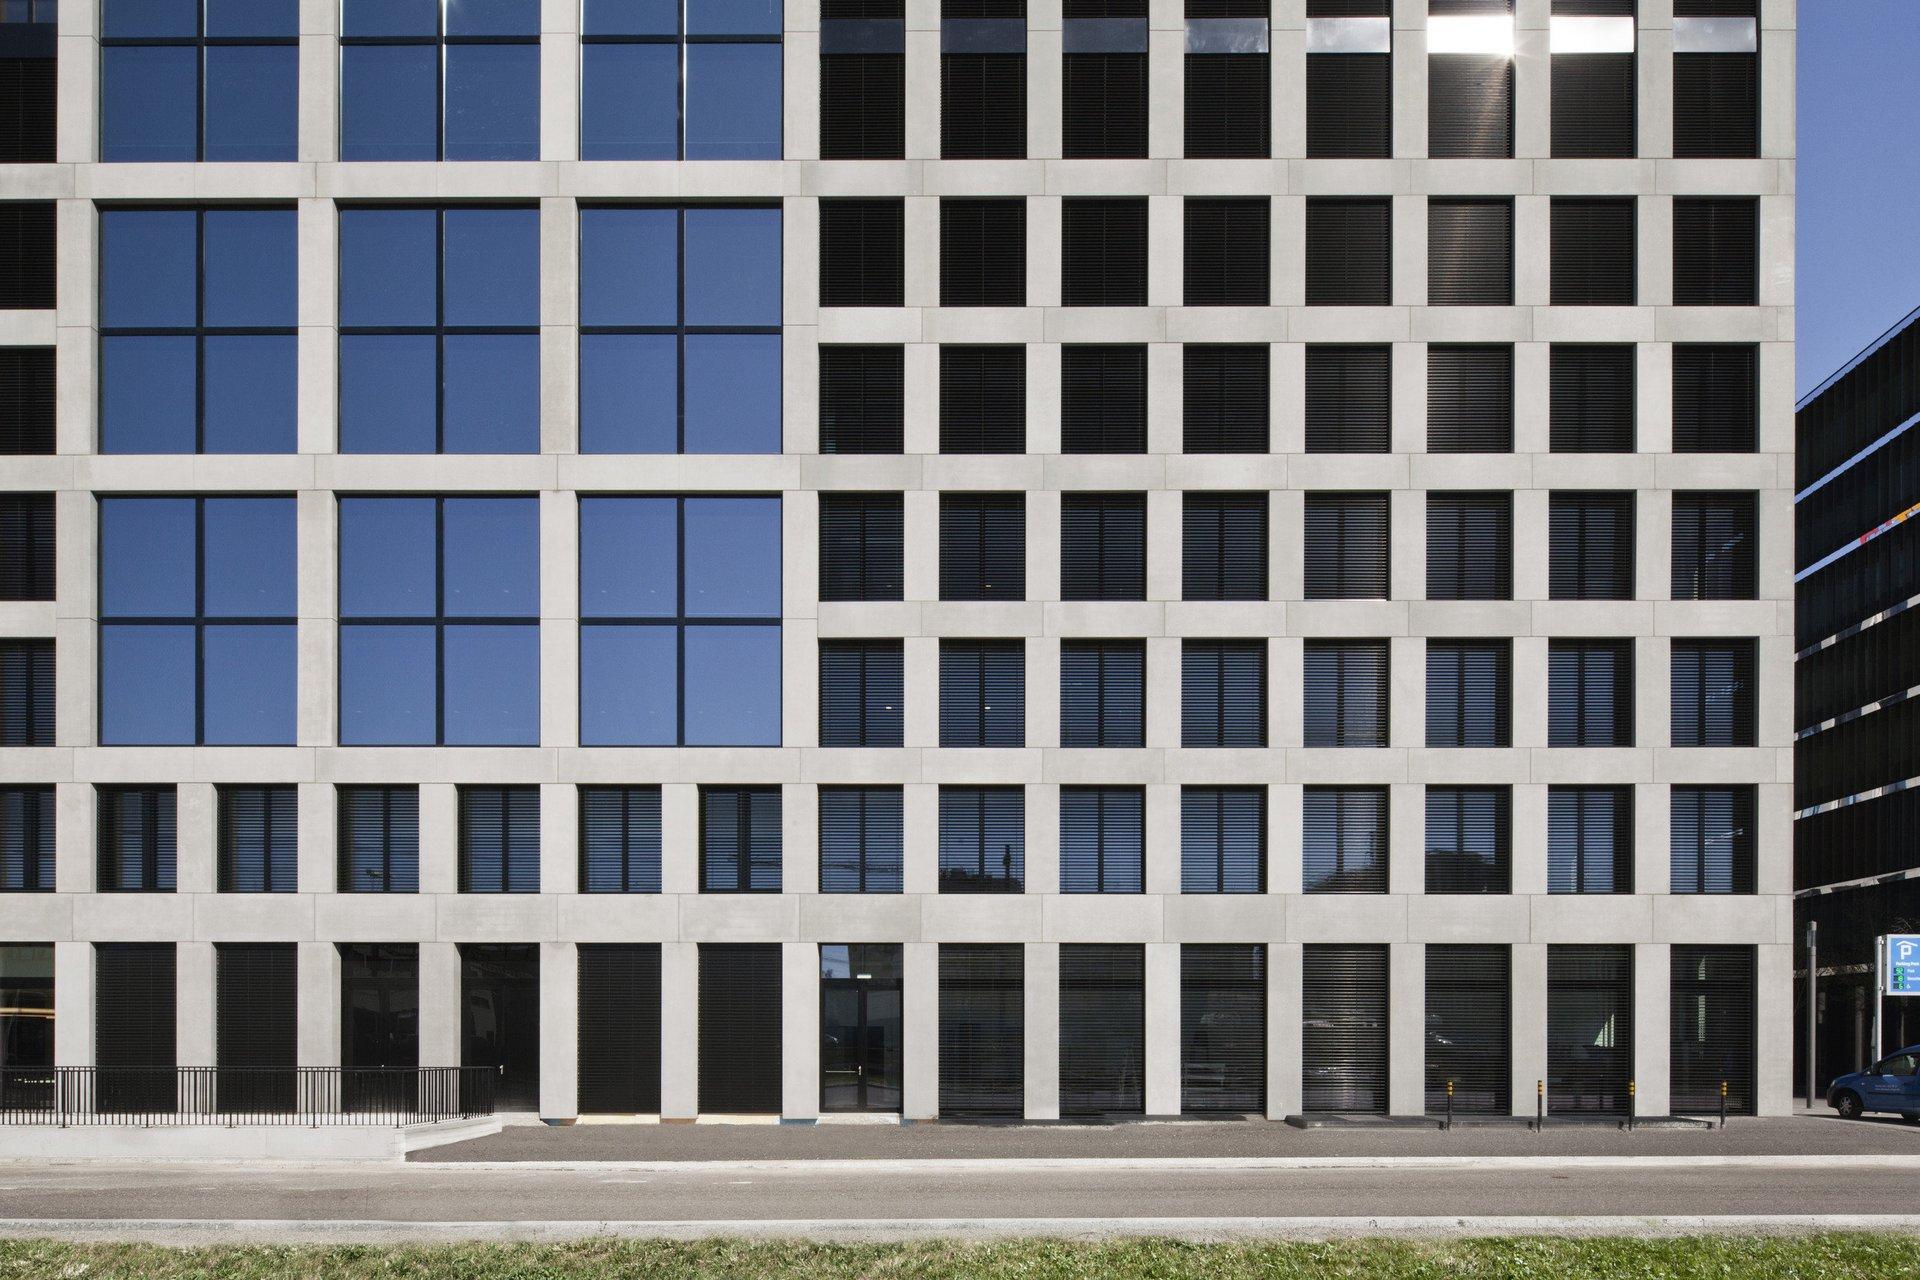 Quadratische gleichm. Fensteranordnung zwischen Holz-Metallfenster